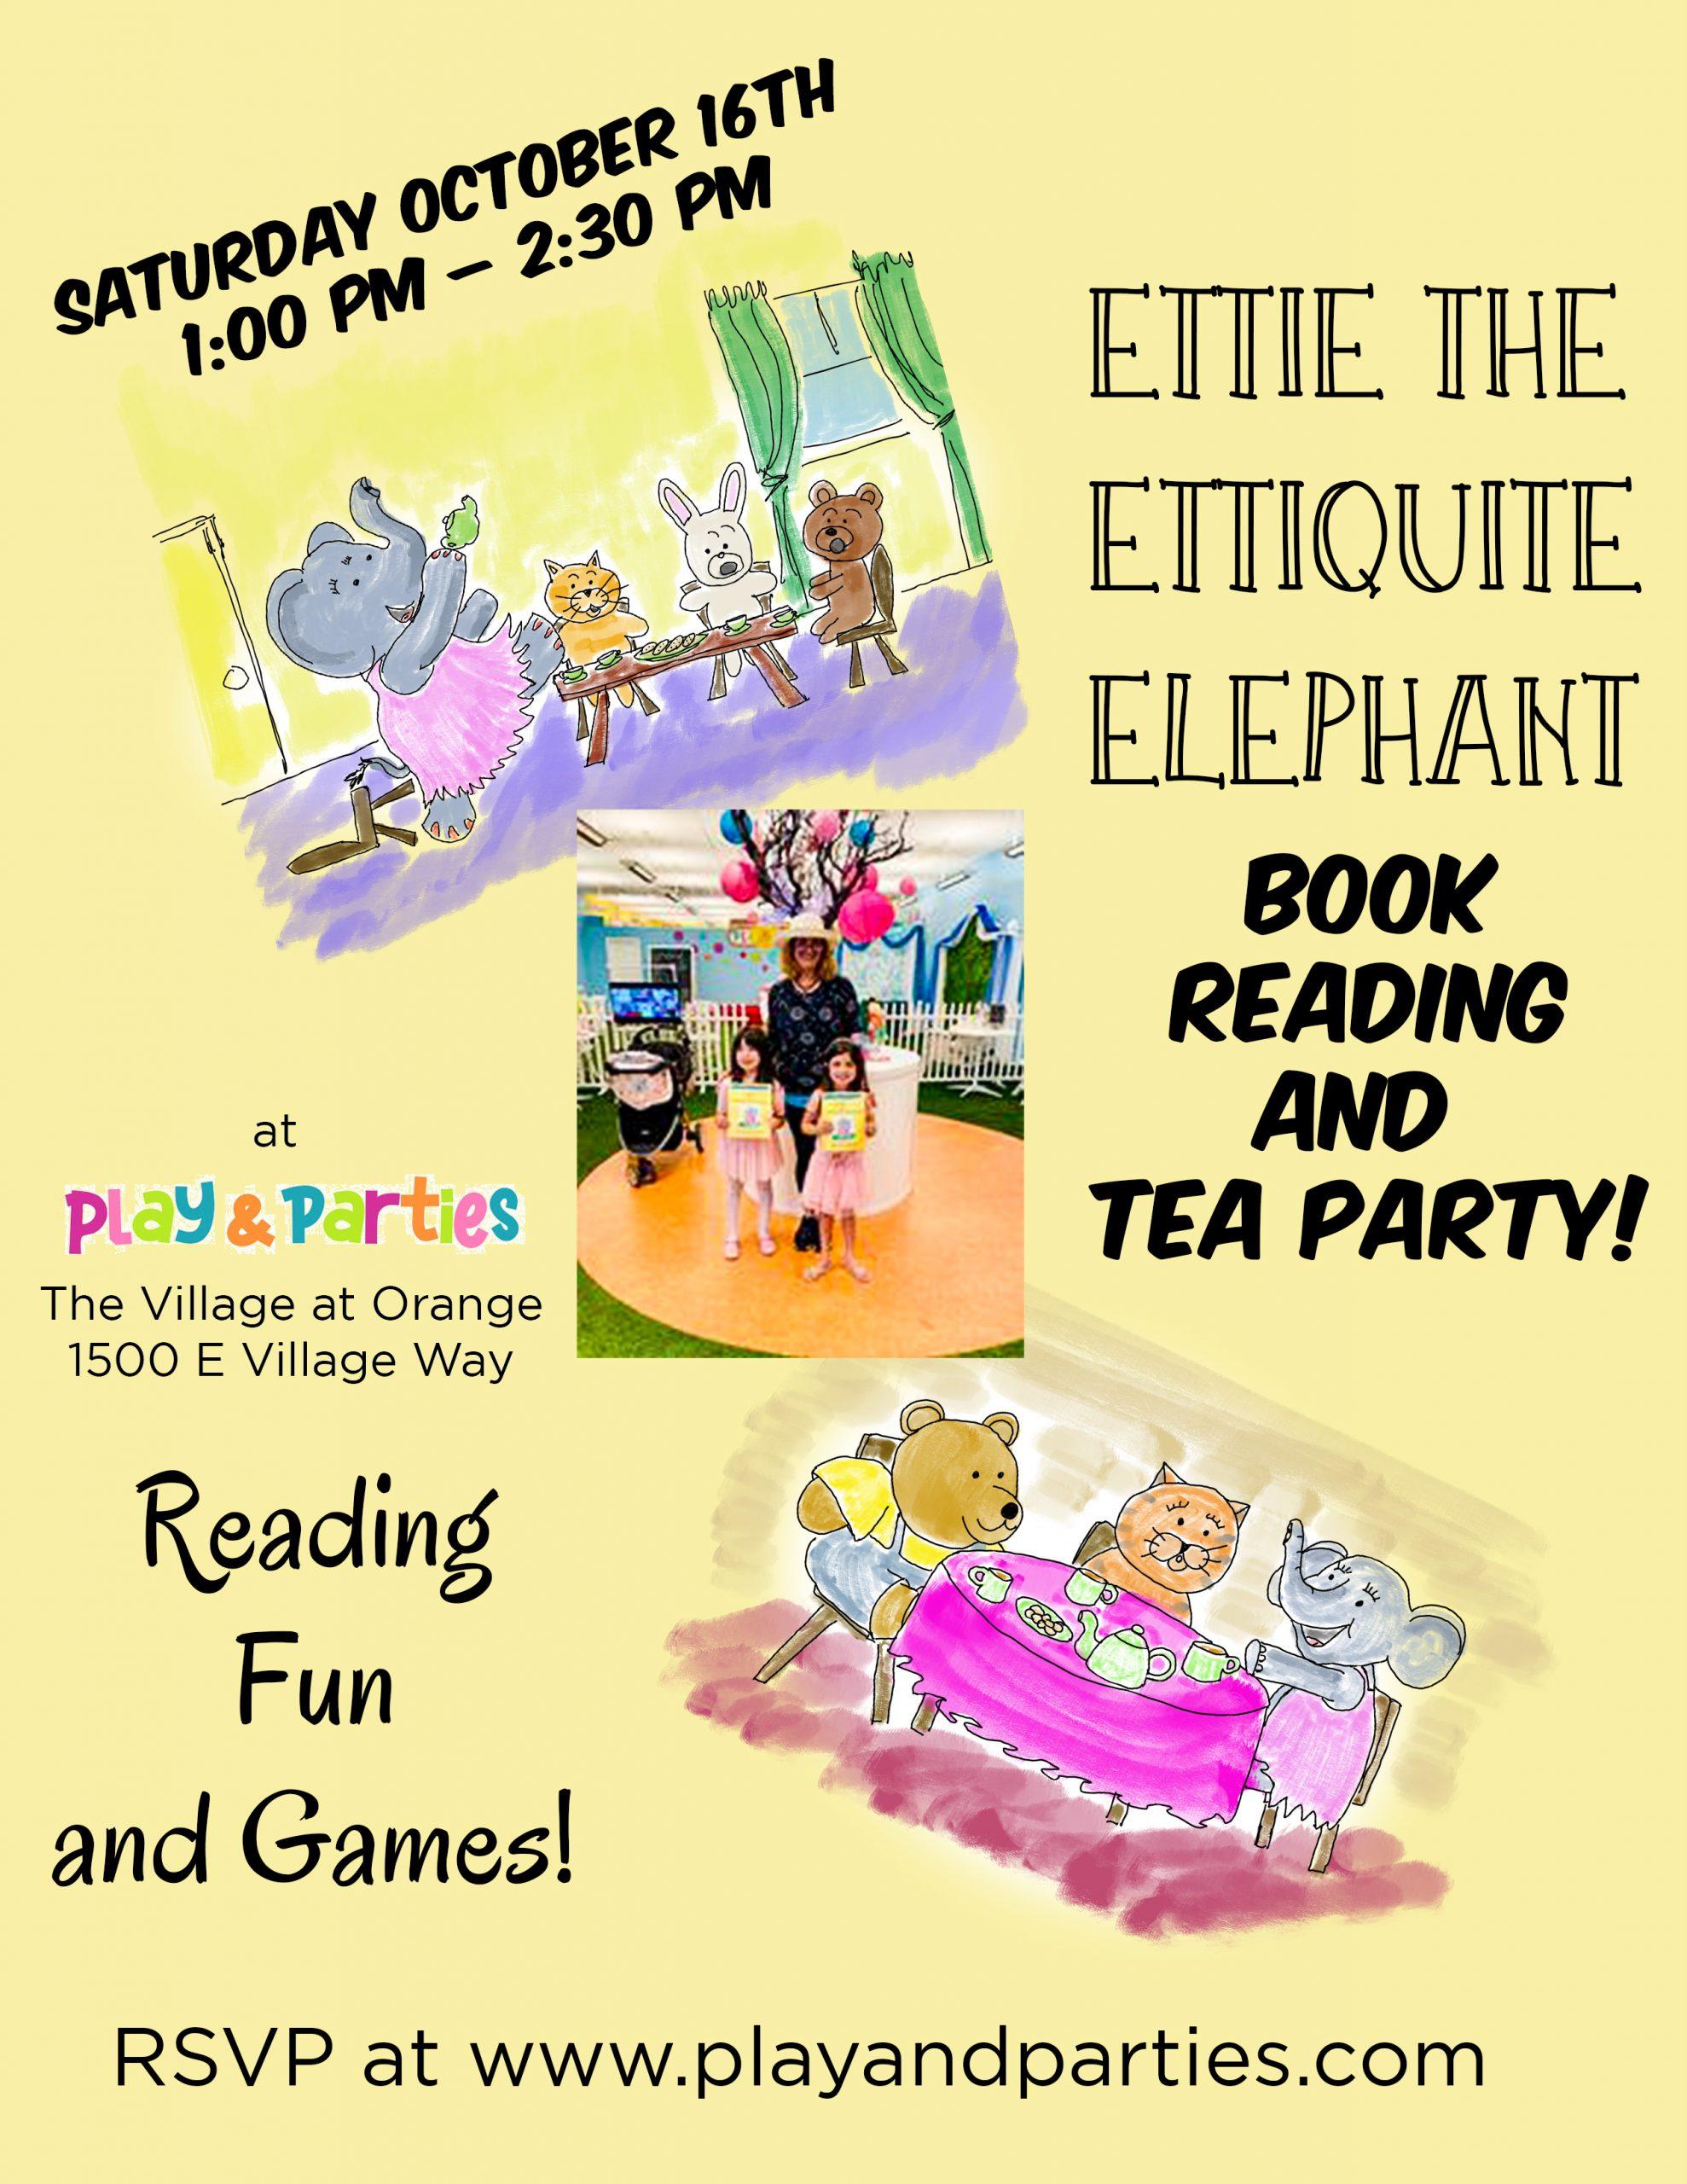 Ettie The Etiquette Elephant Tea Party